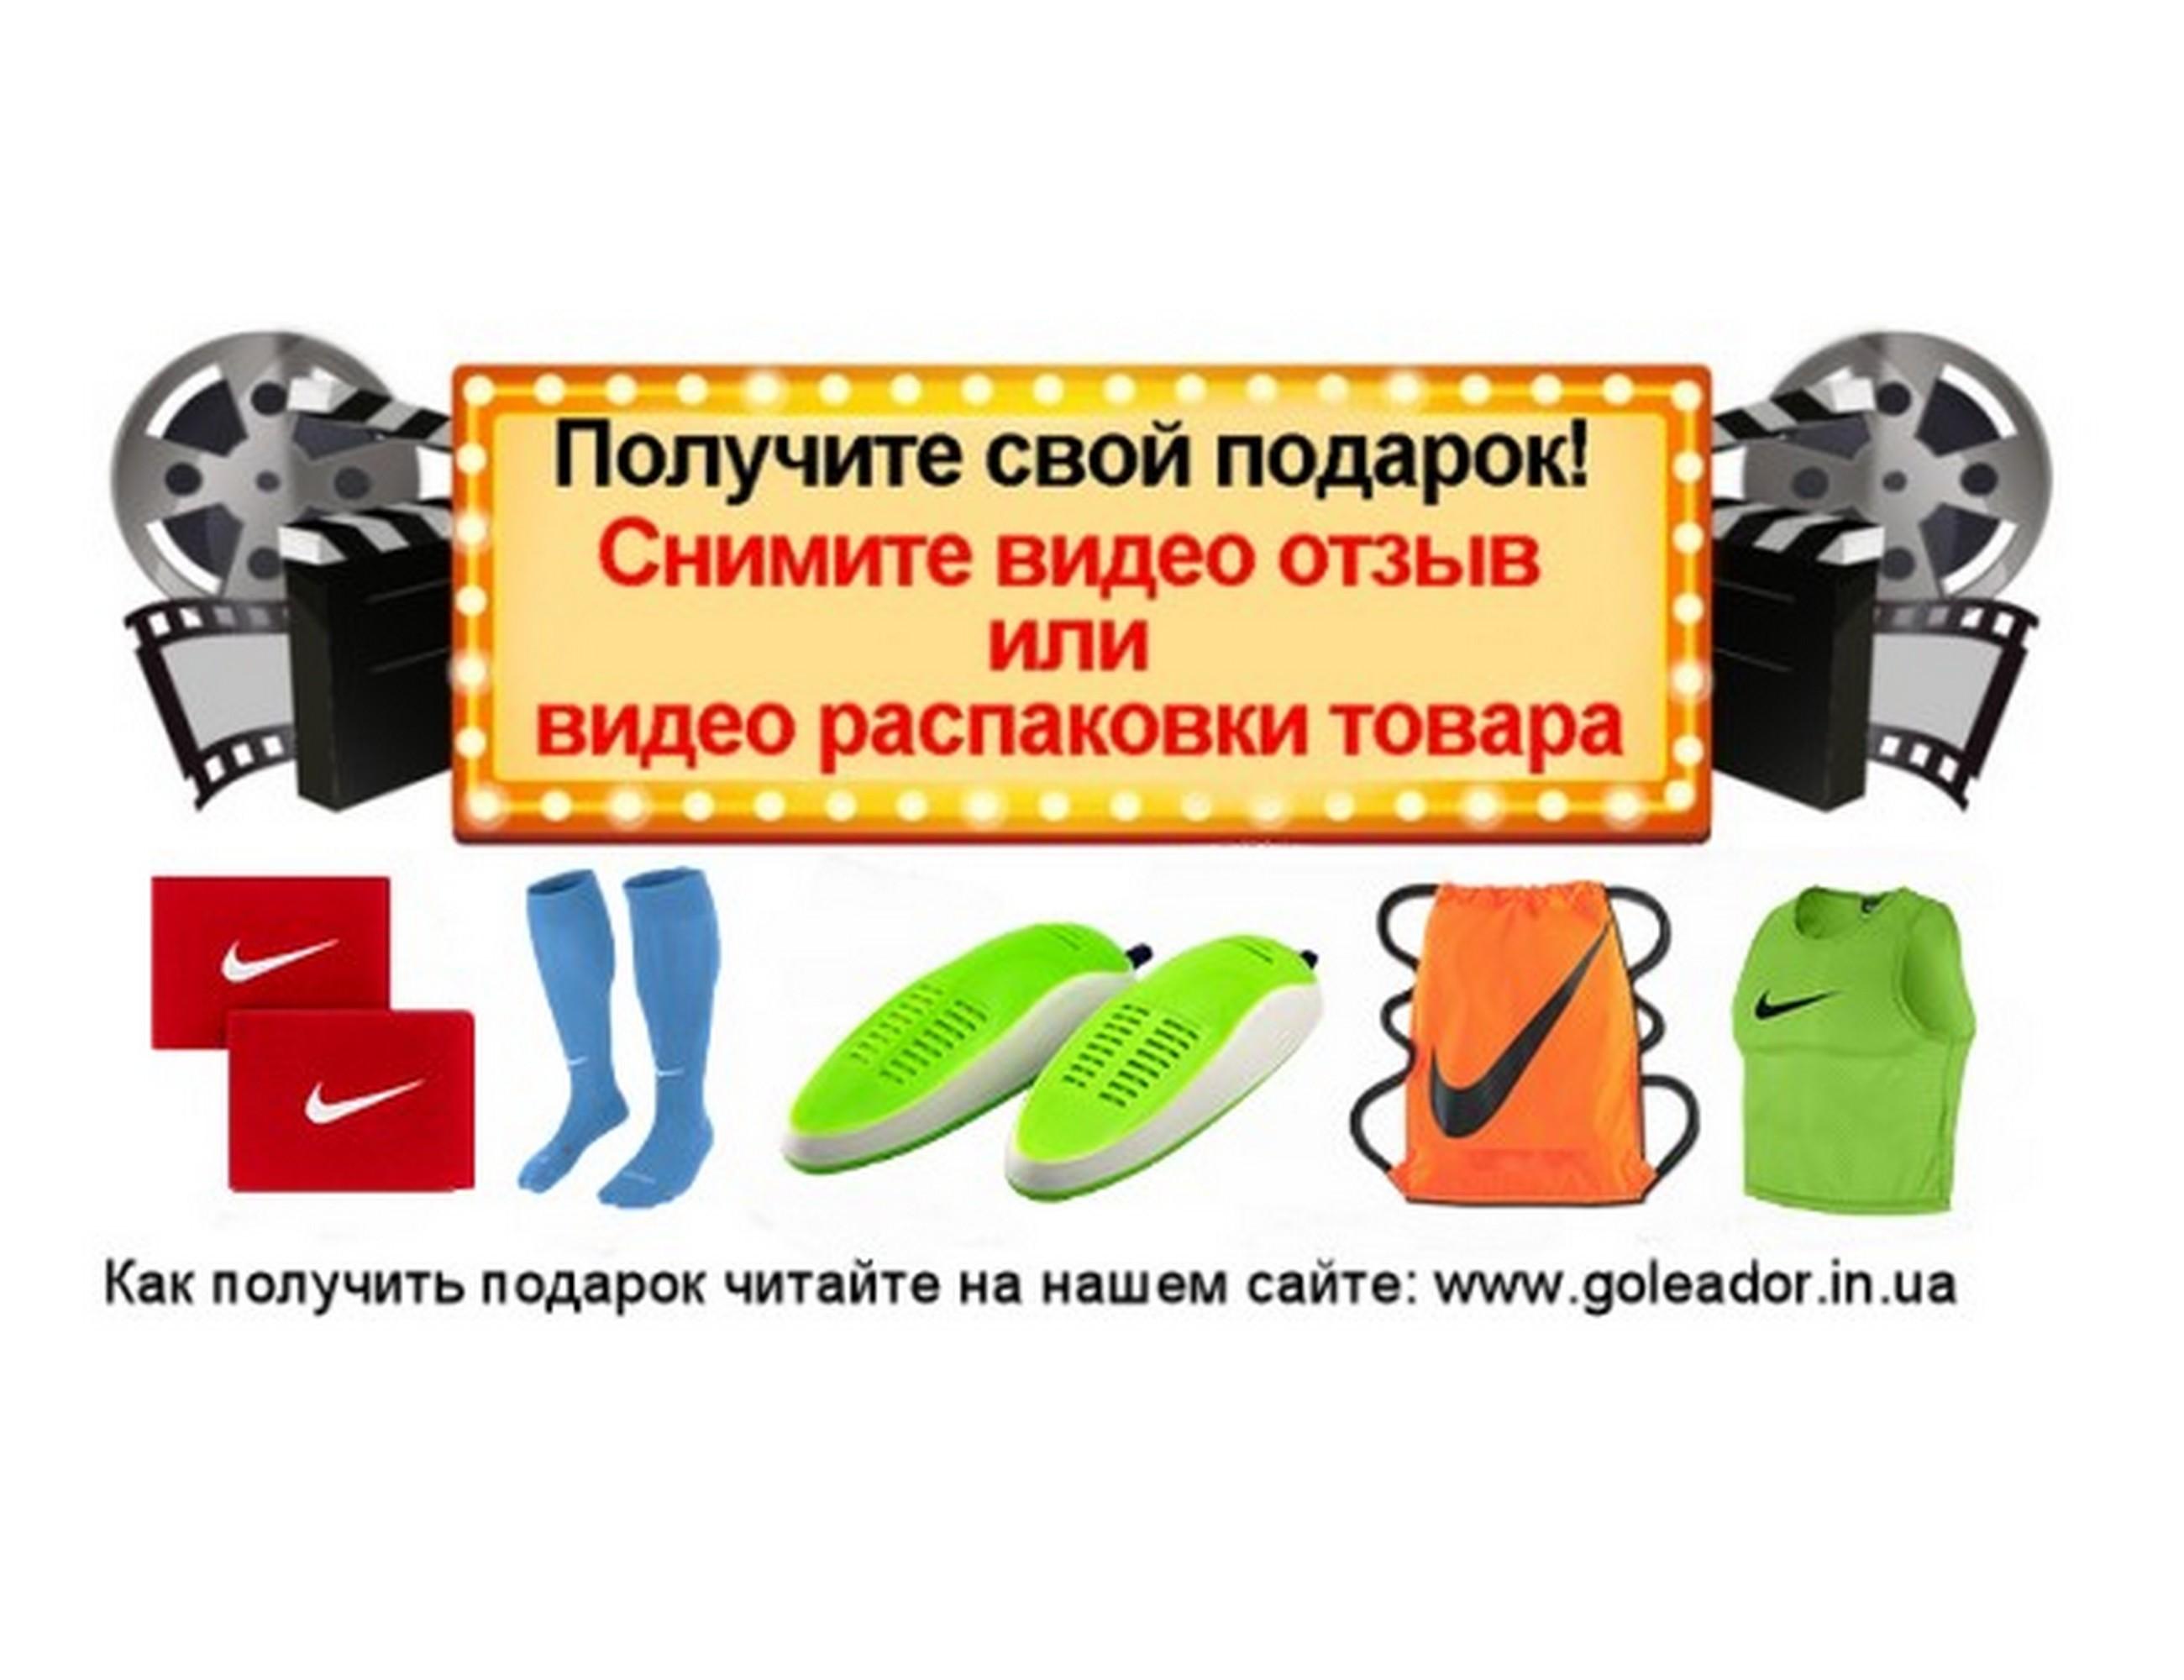 Видео распаковки или видео отзыв